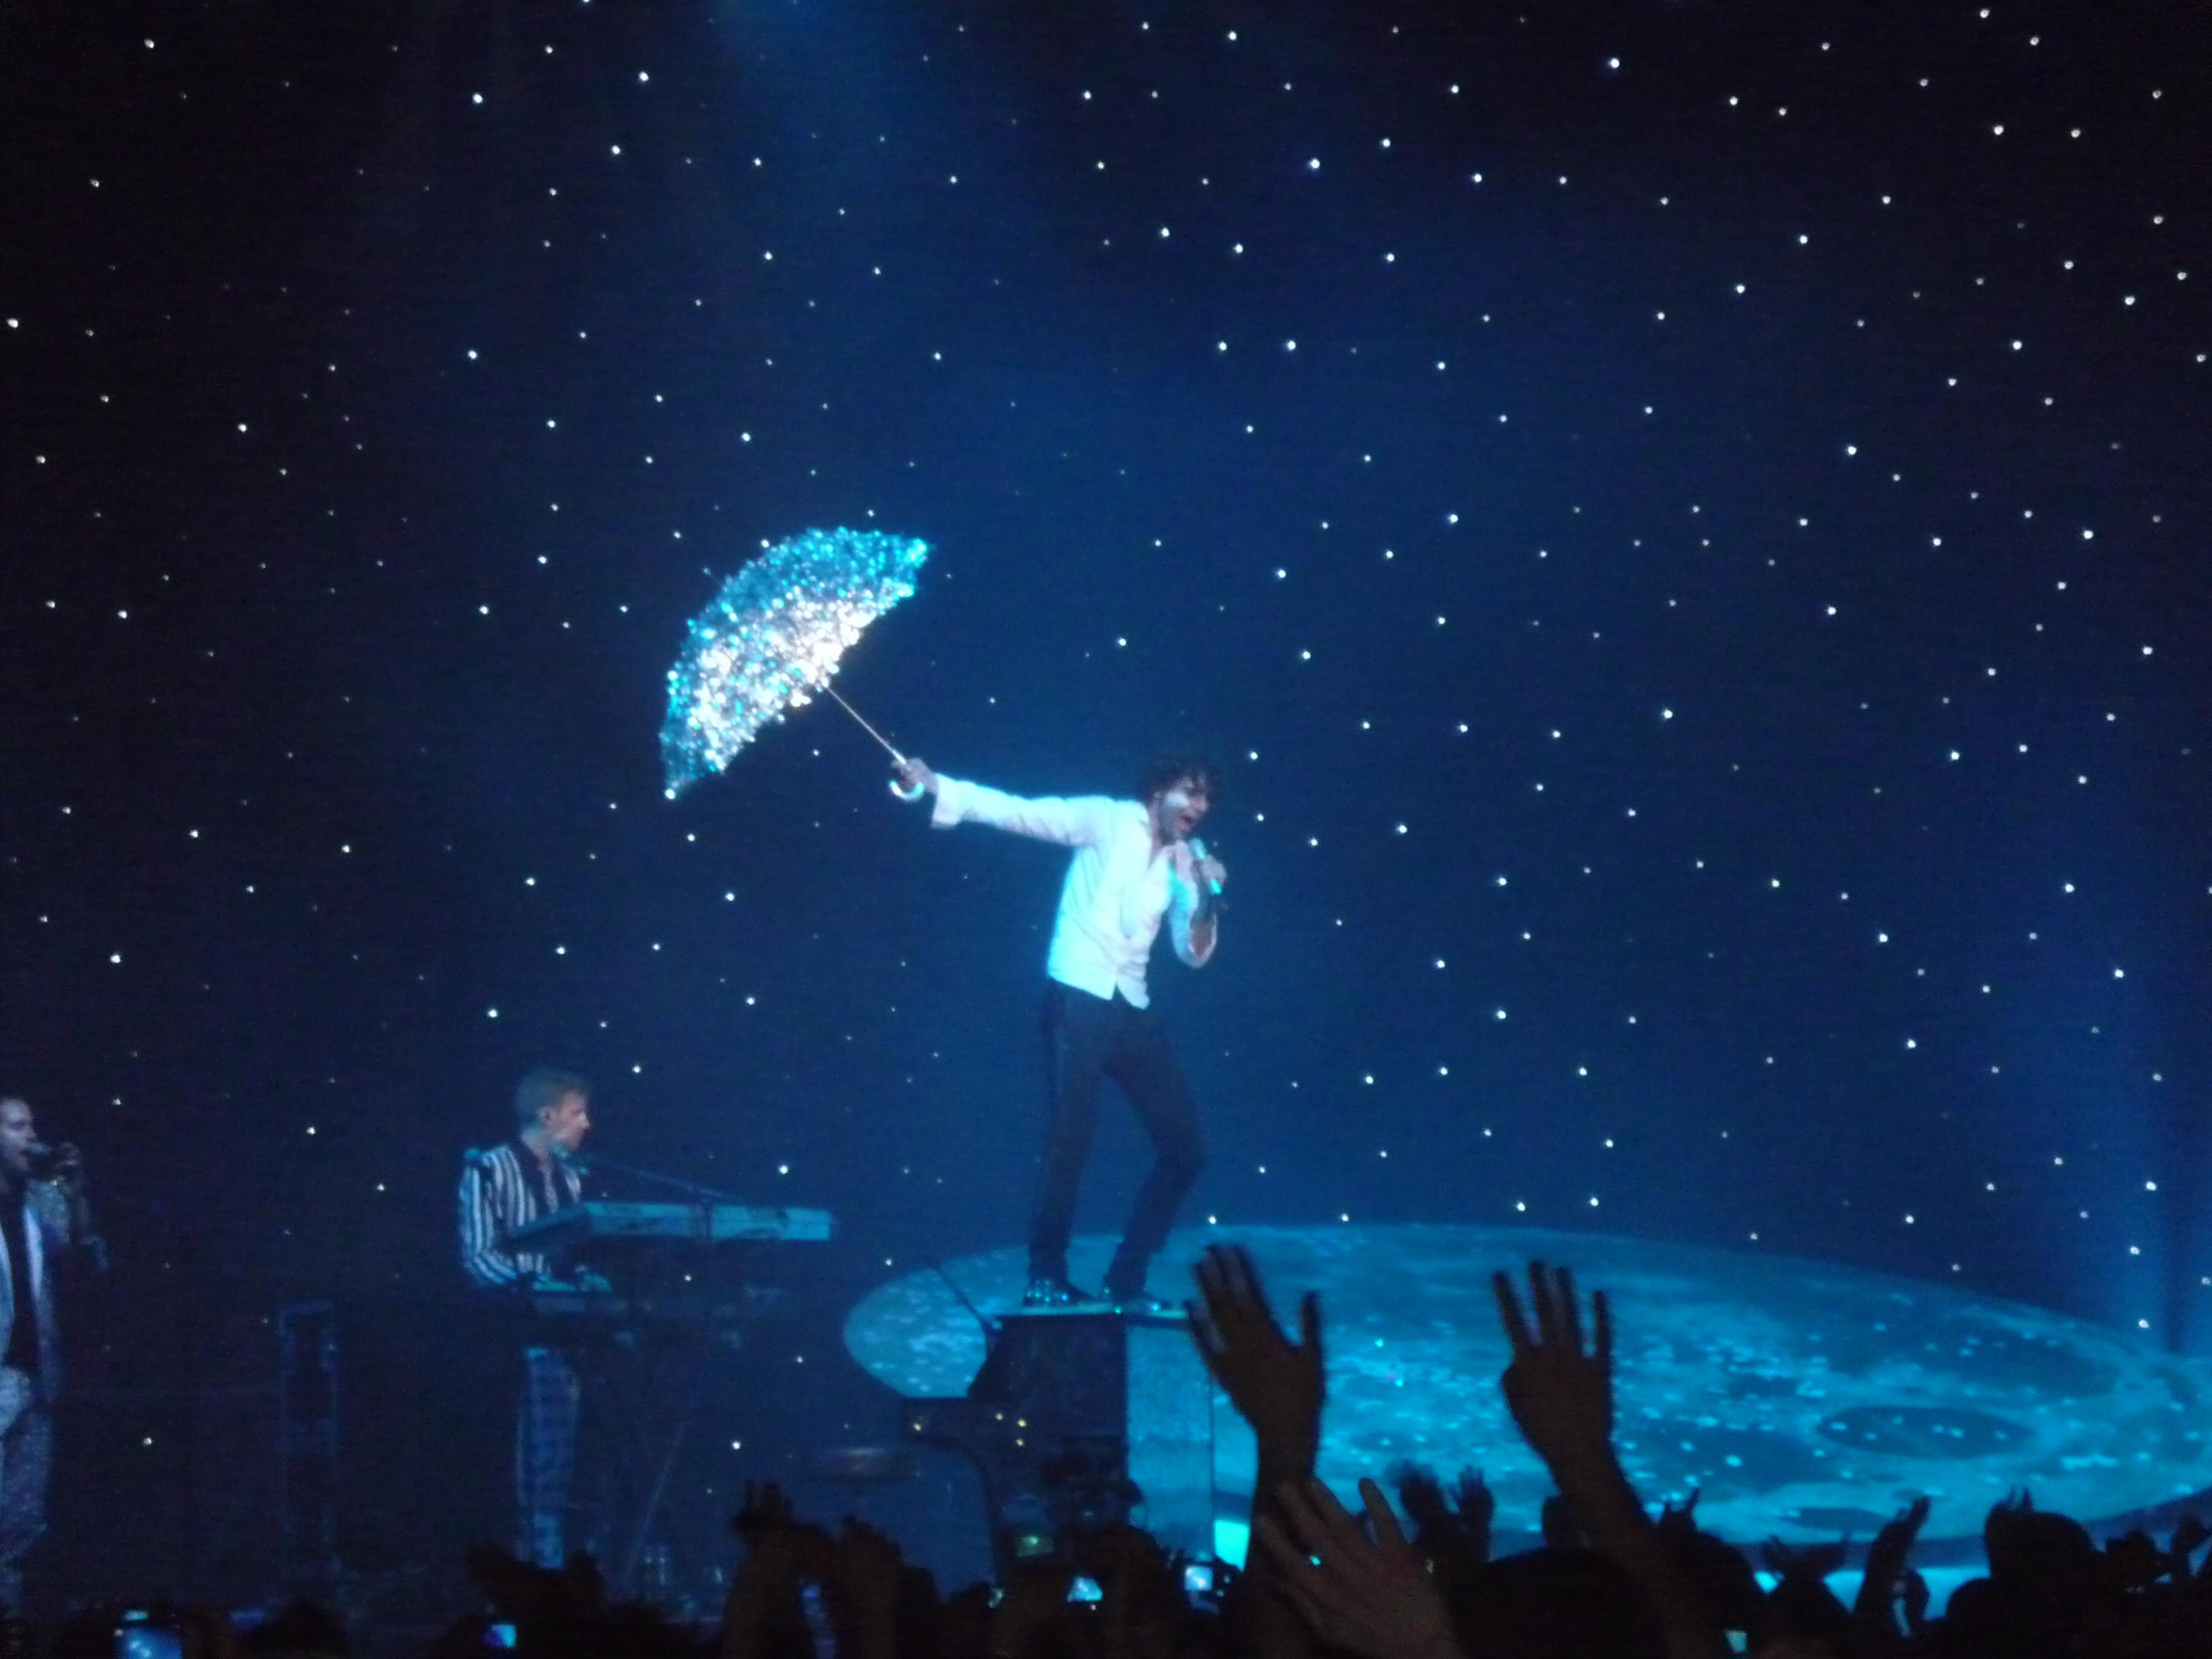 parapluie argenté pour Rain